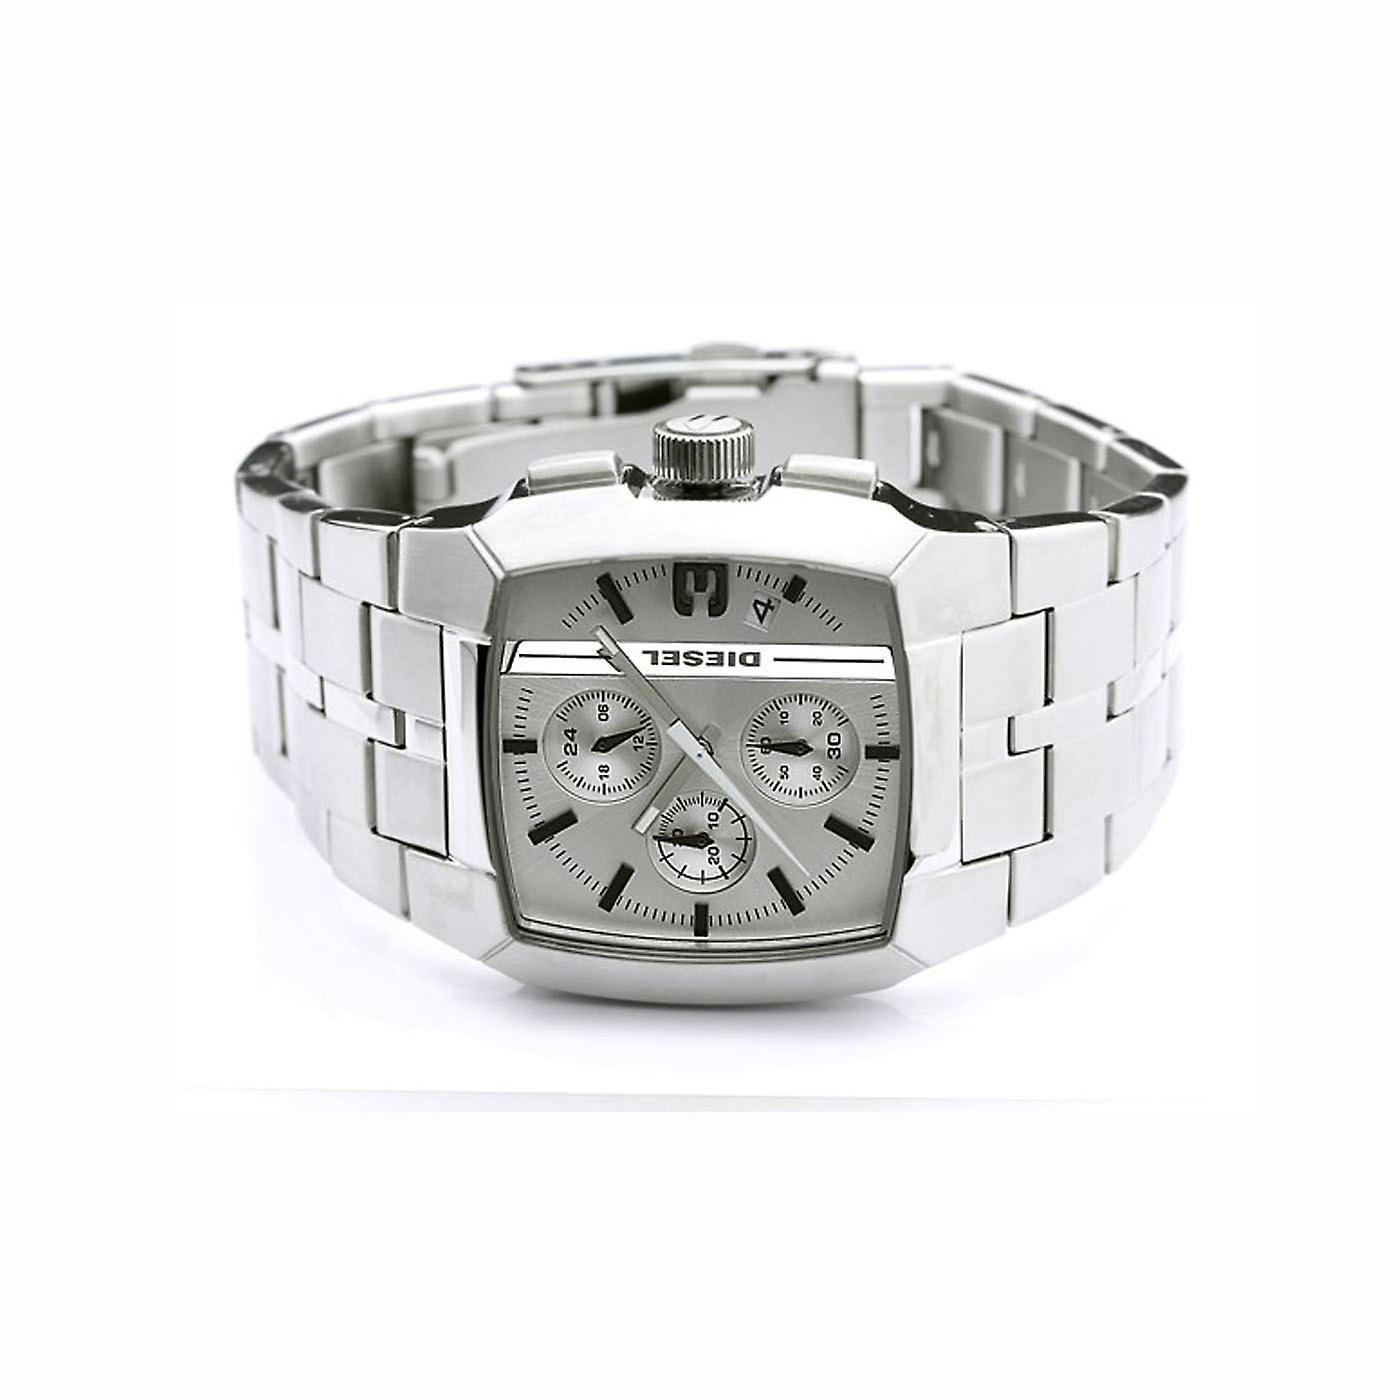 DIESEL Mens Chronograph Watch DZ4258